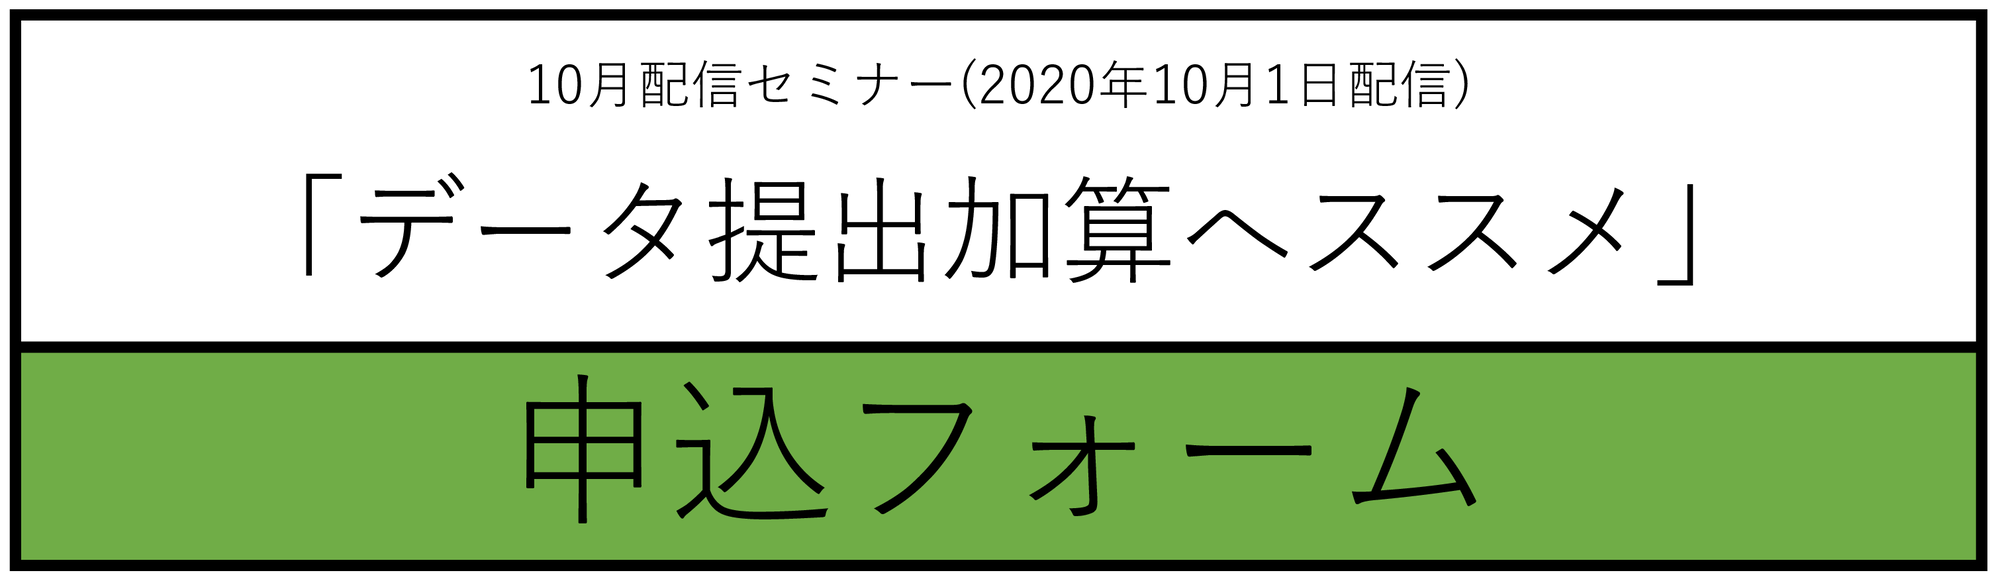 データ提出加算へススメ10月申込フォーム